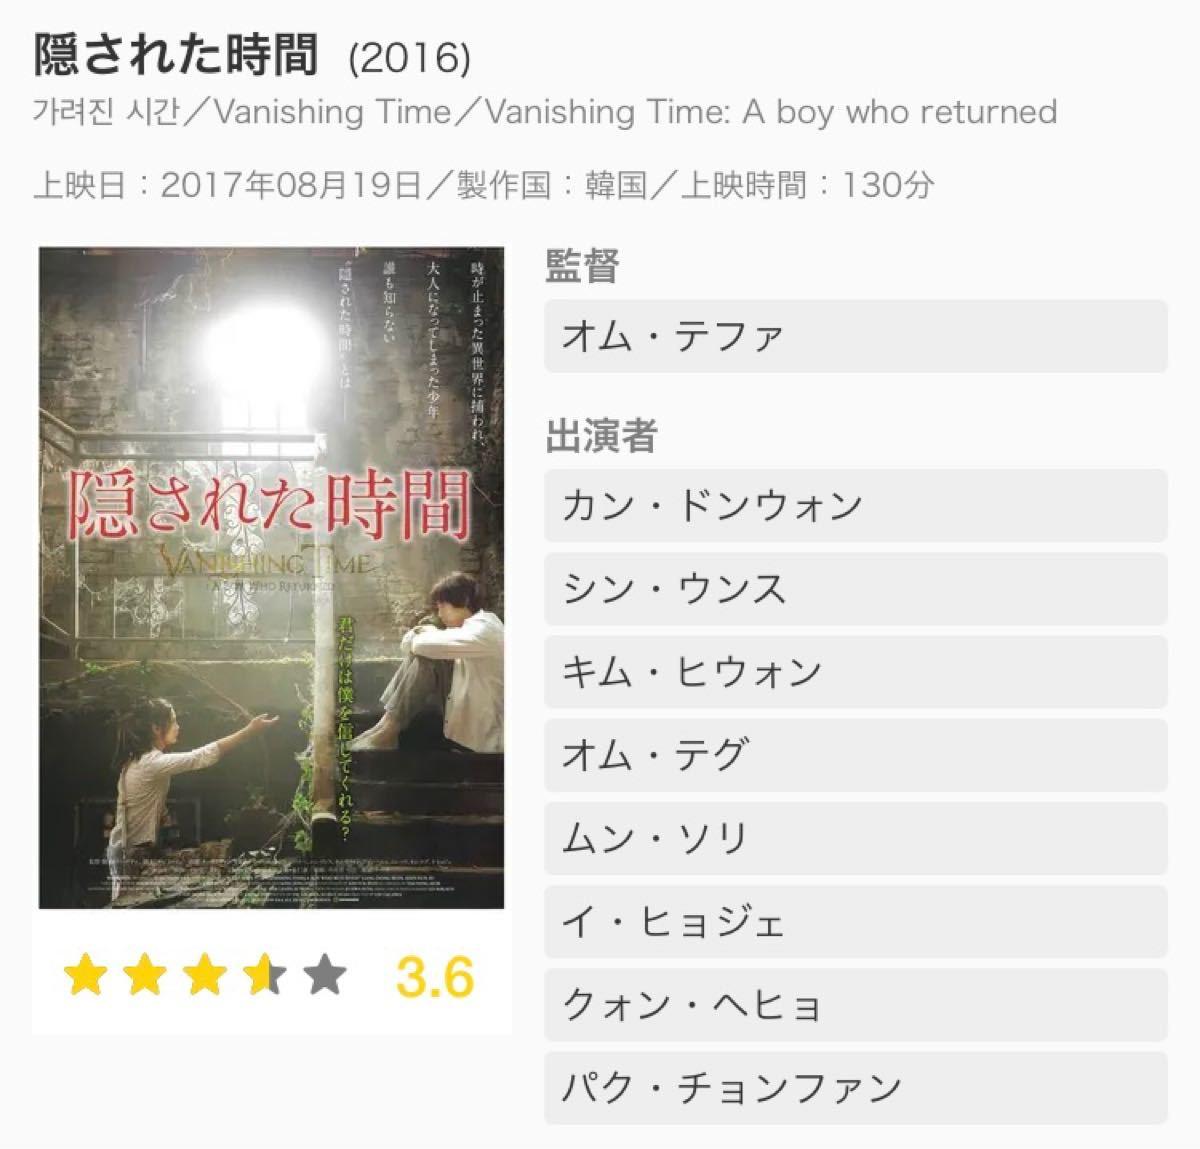 韓国映画DVD【隠された時間】カンドンウォン主演